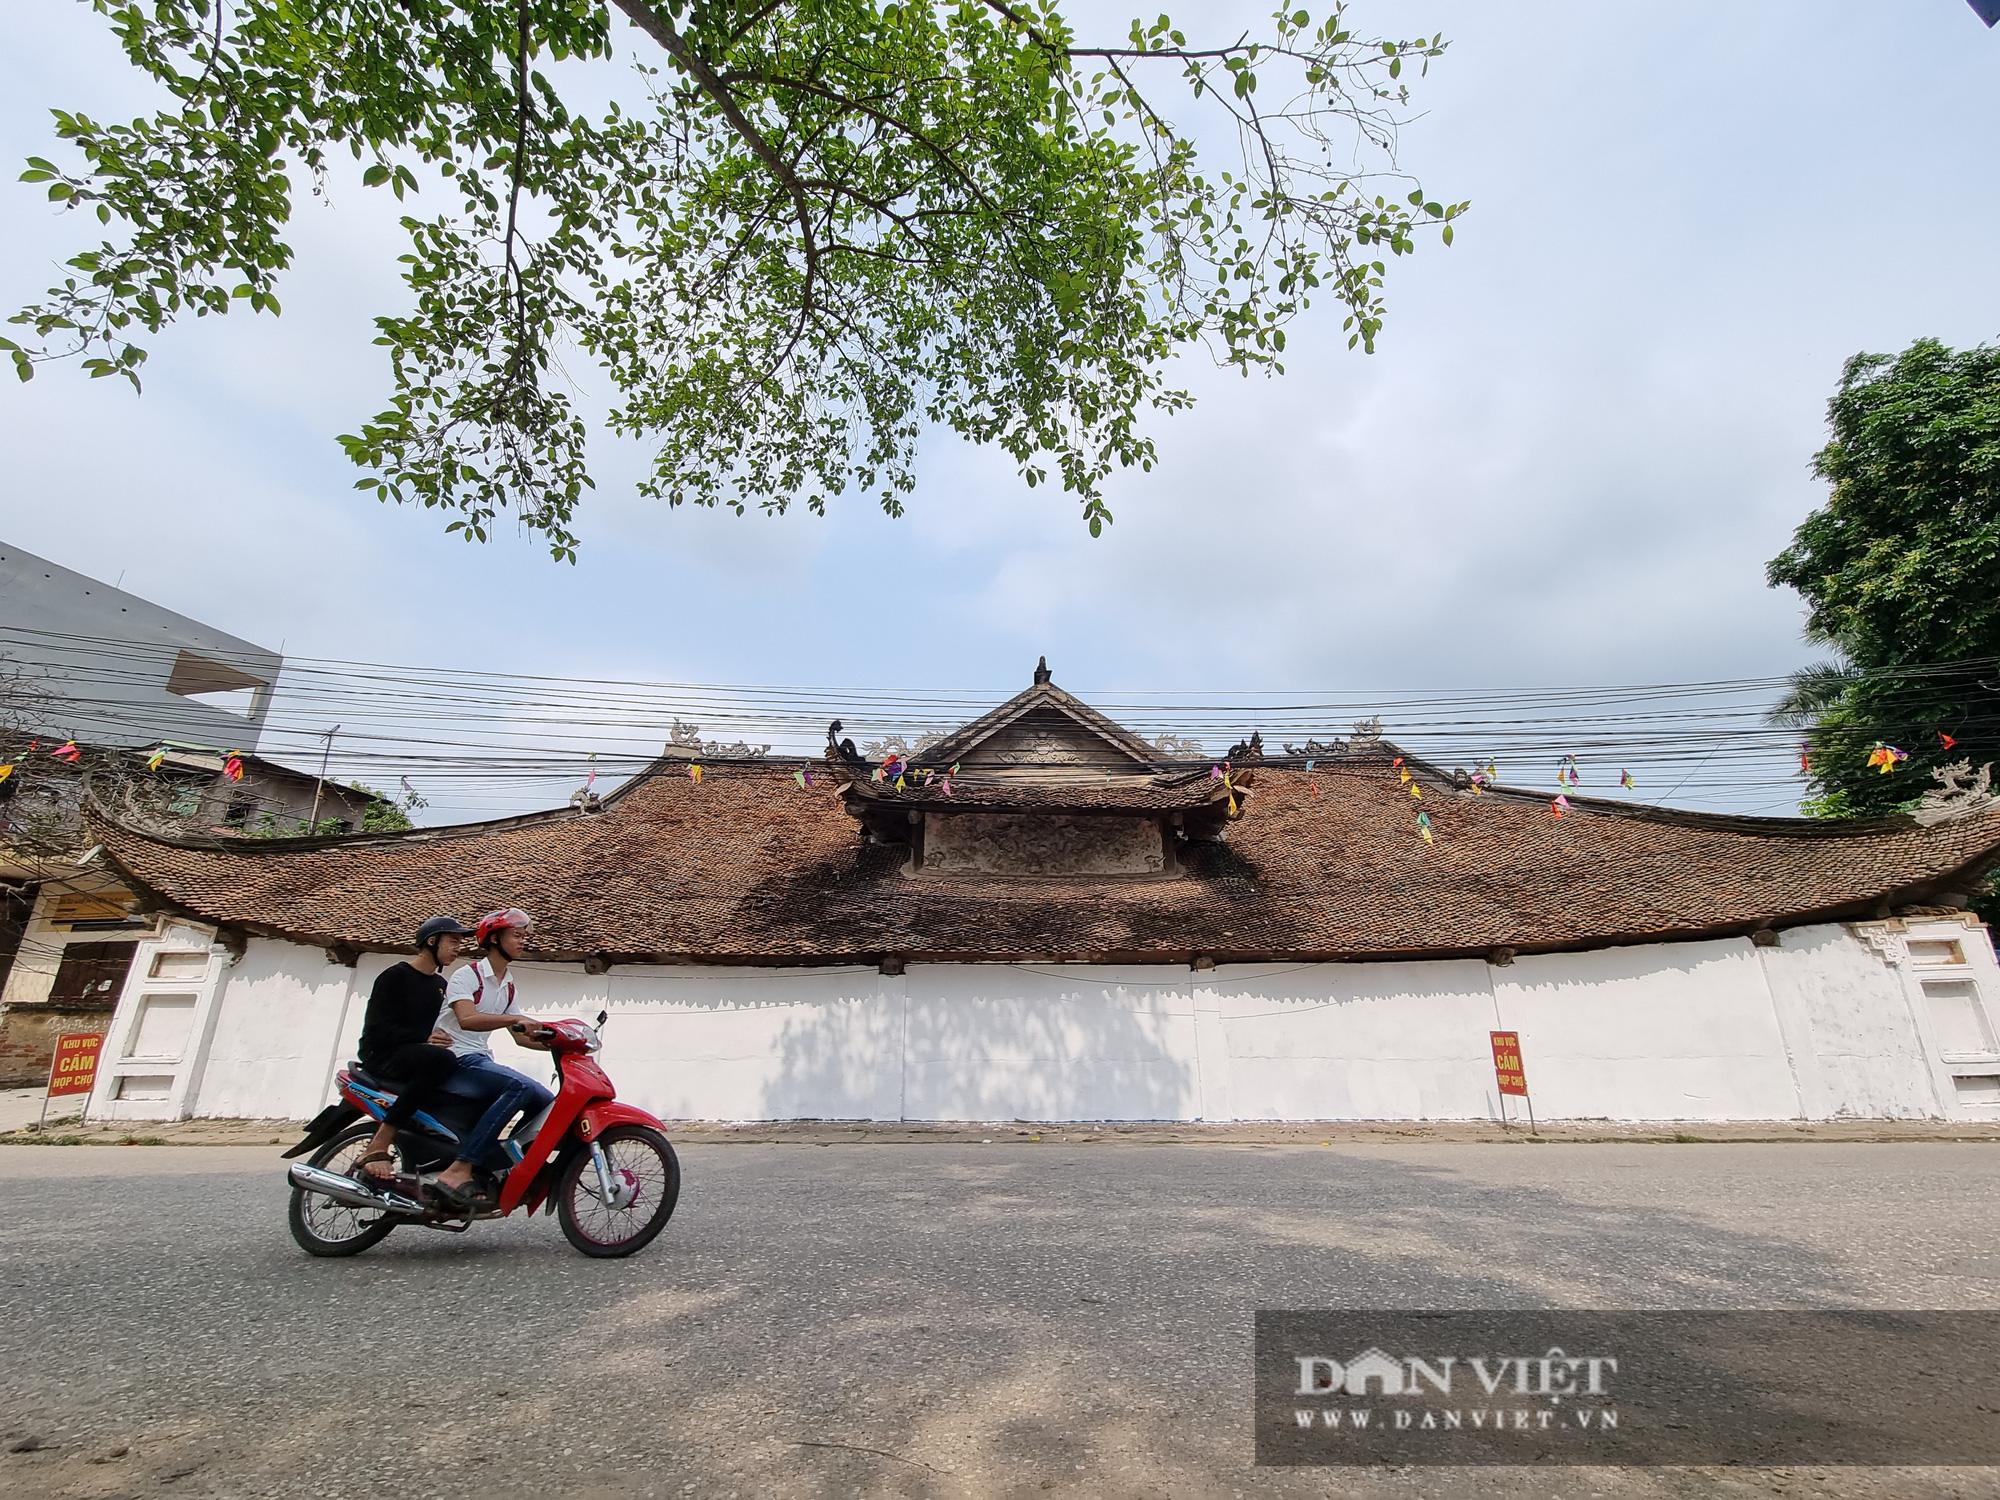 Bí thư đảng ủy xã Tiên Lữ nói gì về việc sơn tranh vẽ lên bức tường tại đình làng cổ gần 200 năm? - Ảnh 1.